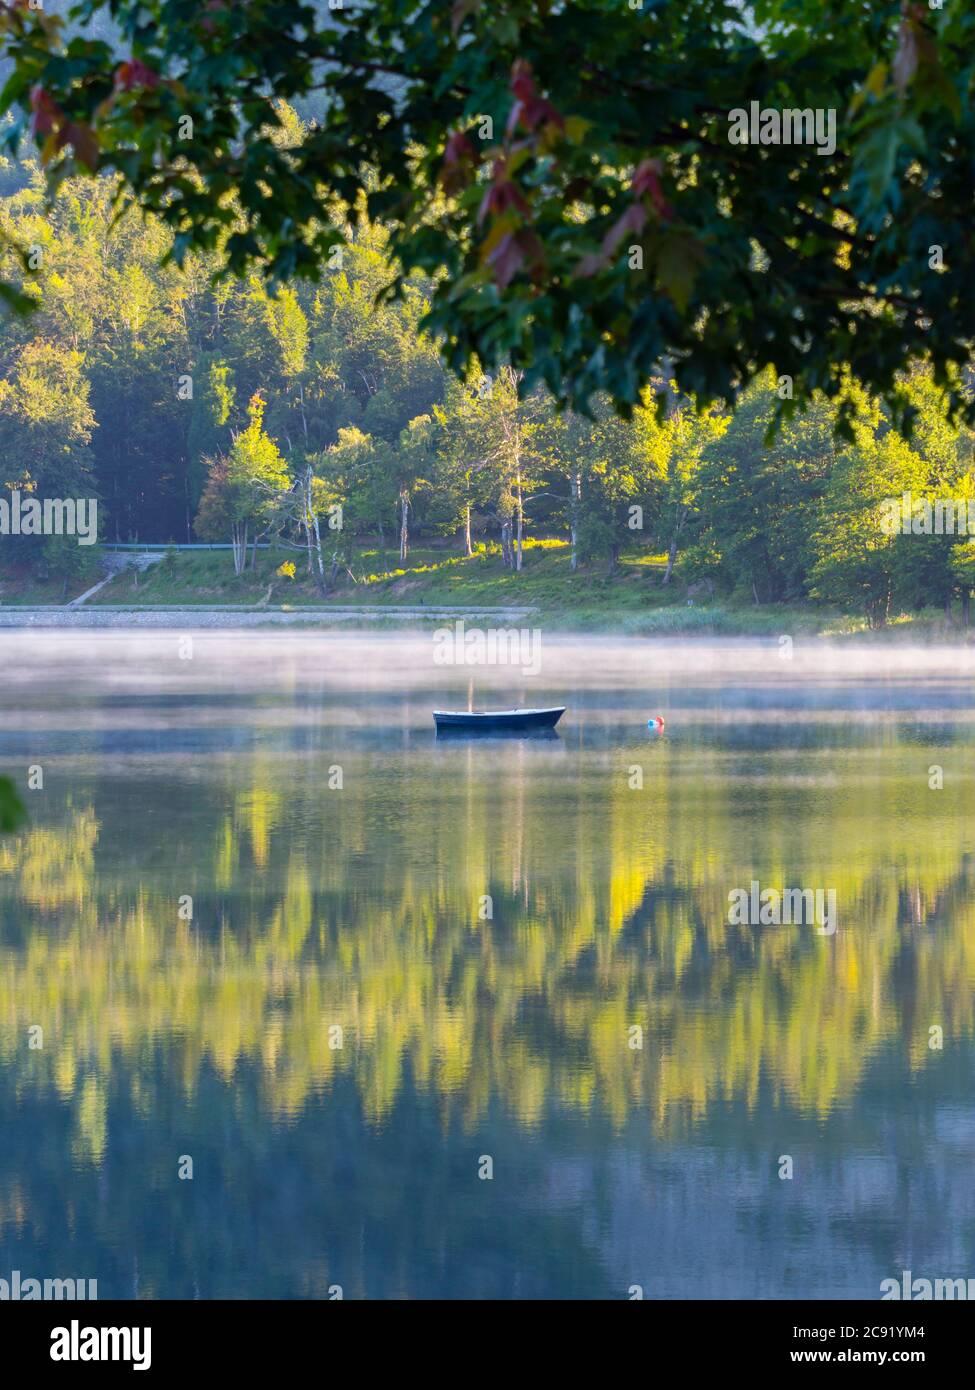 Lonesome barco en el lago Bajer en Fuzine Croacia Europa niebla vapor de niebla flotando sobre la superficie del agua precioso & impresionante y maravilloso Foto de stock